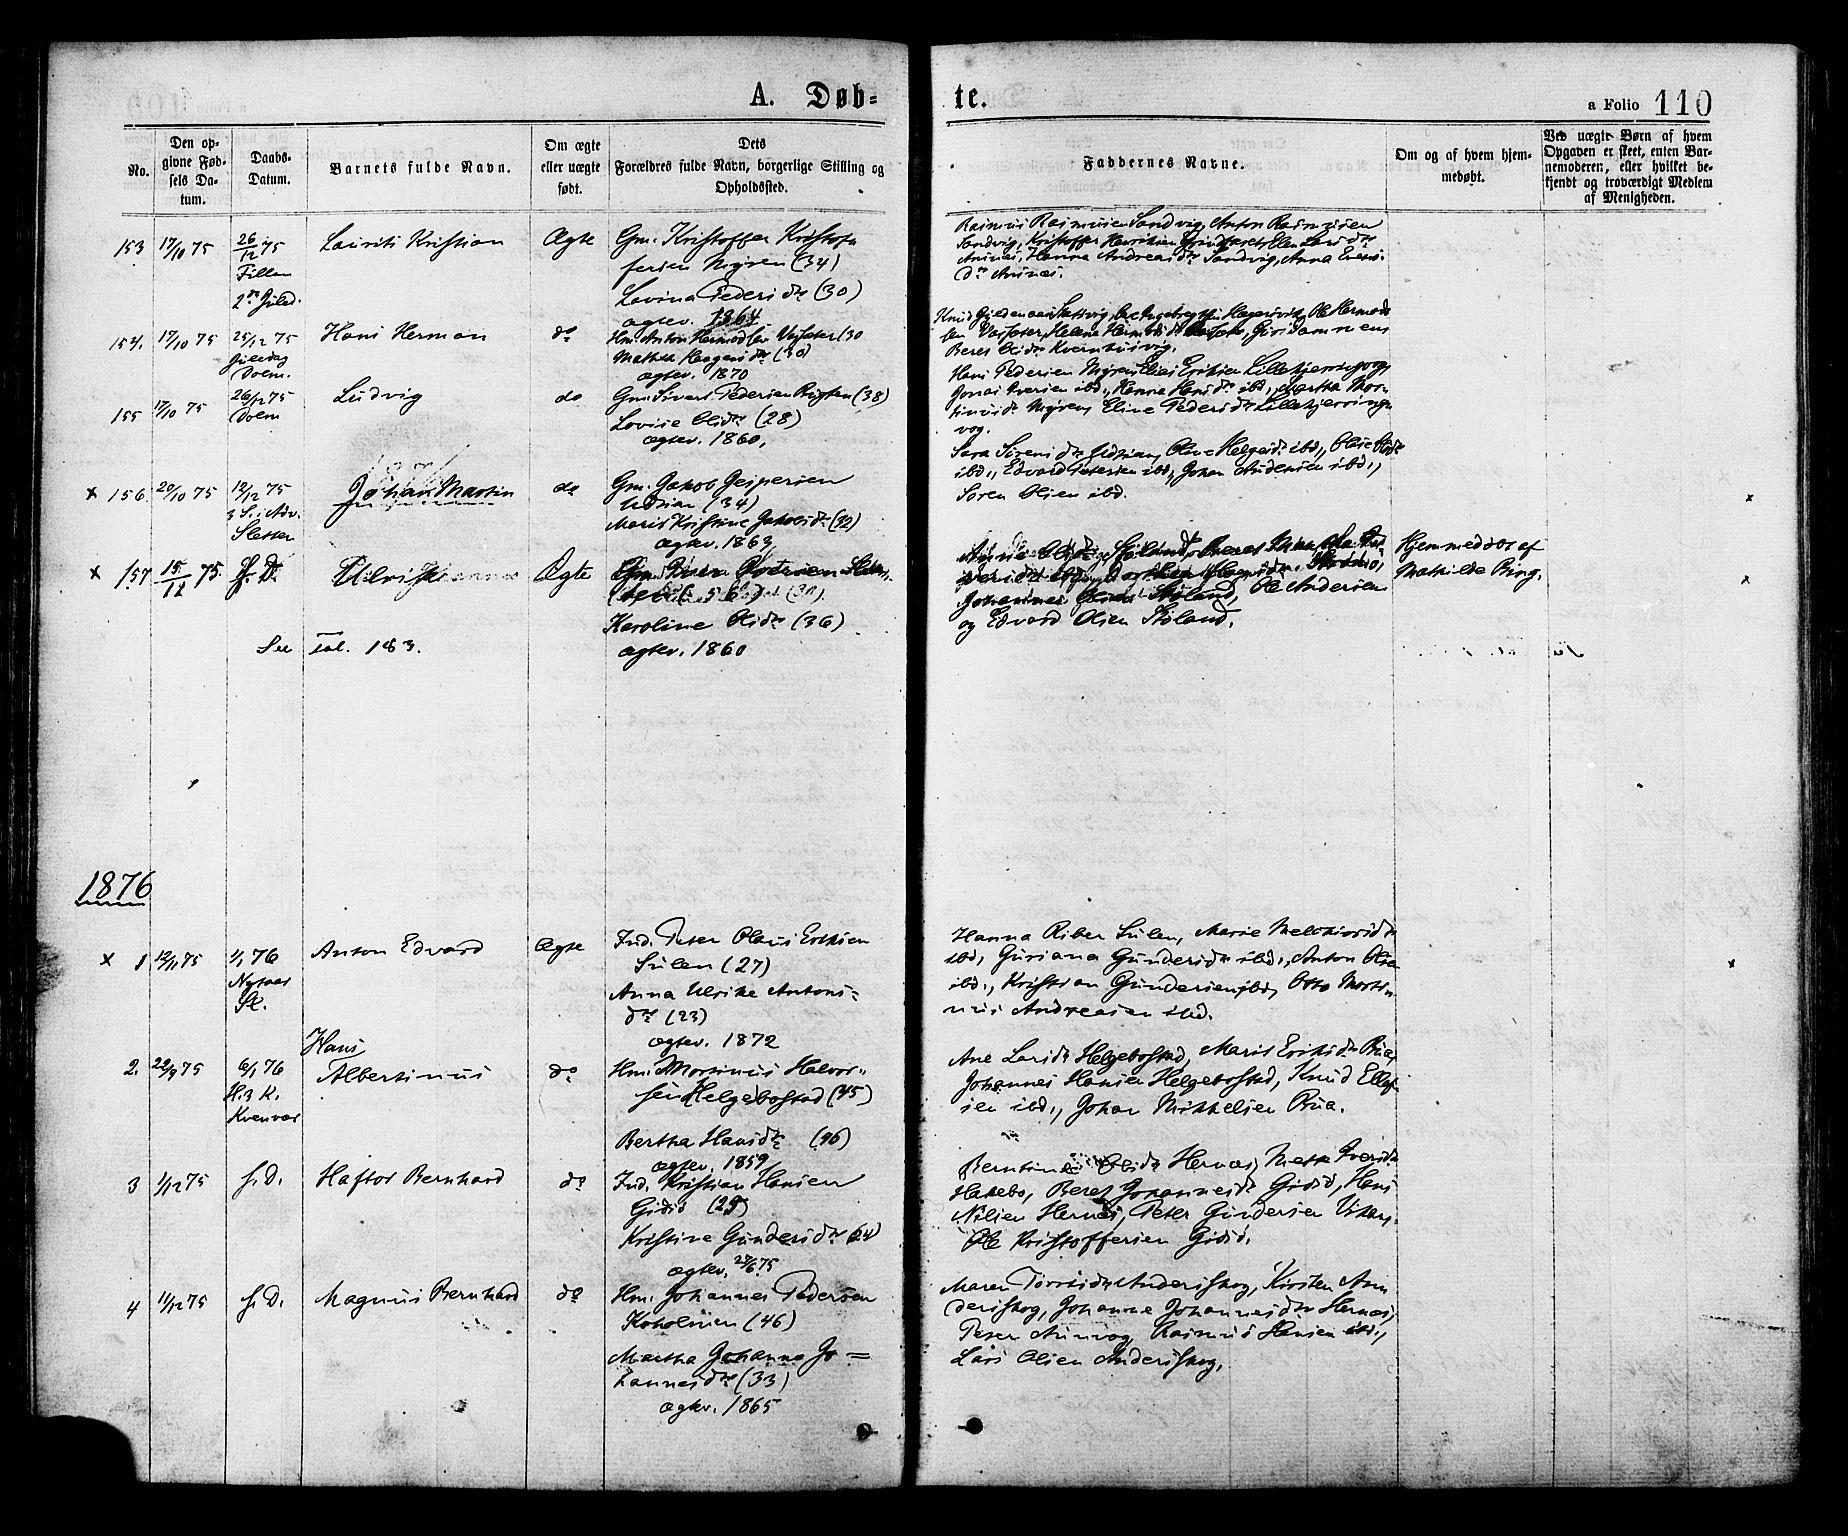 SAT, Ministerialprotokoller, klokkerbøker og fødselsregistre - Sør-Trøndelag, 634/L0532: Ministerialbok nr. 634A08, 1871-1881, s. 110